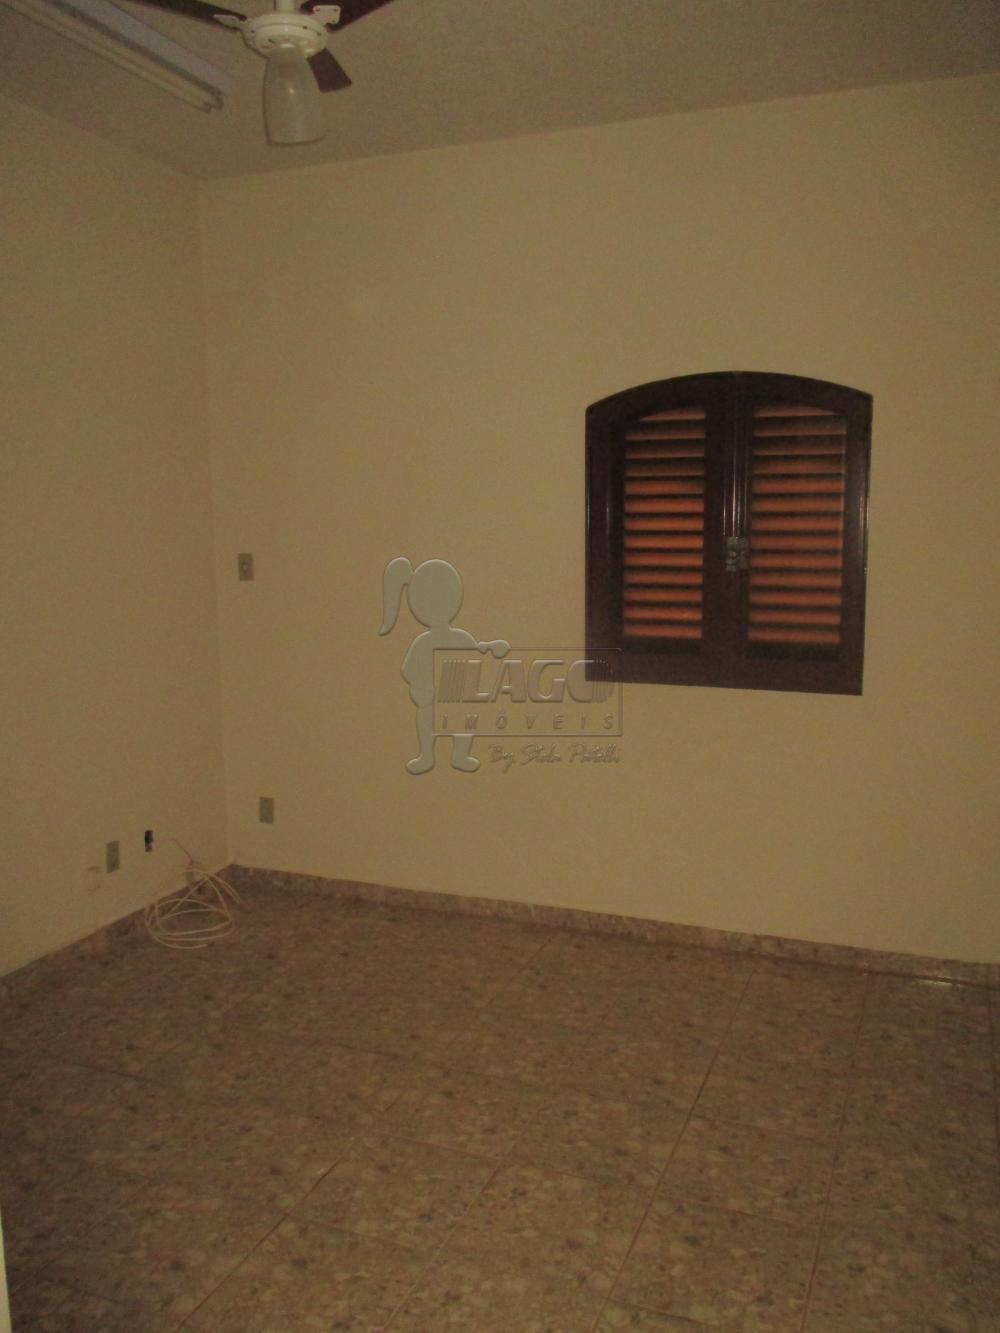 Alugar Casas / Comercial em Ribeirão Preto apenas R$ 3.000,00 - Foto 16